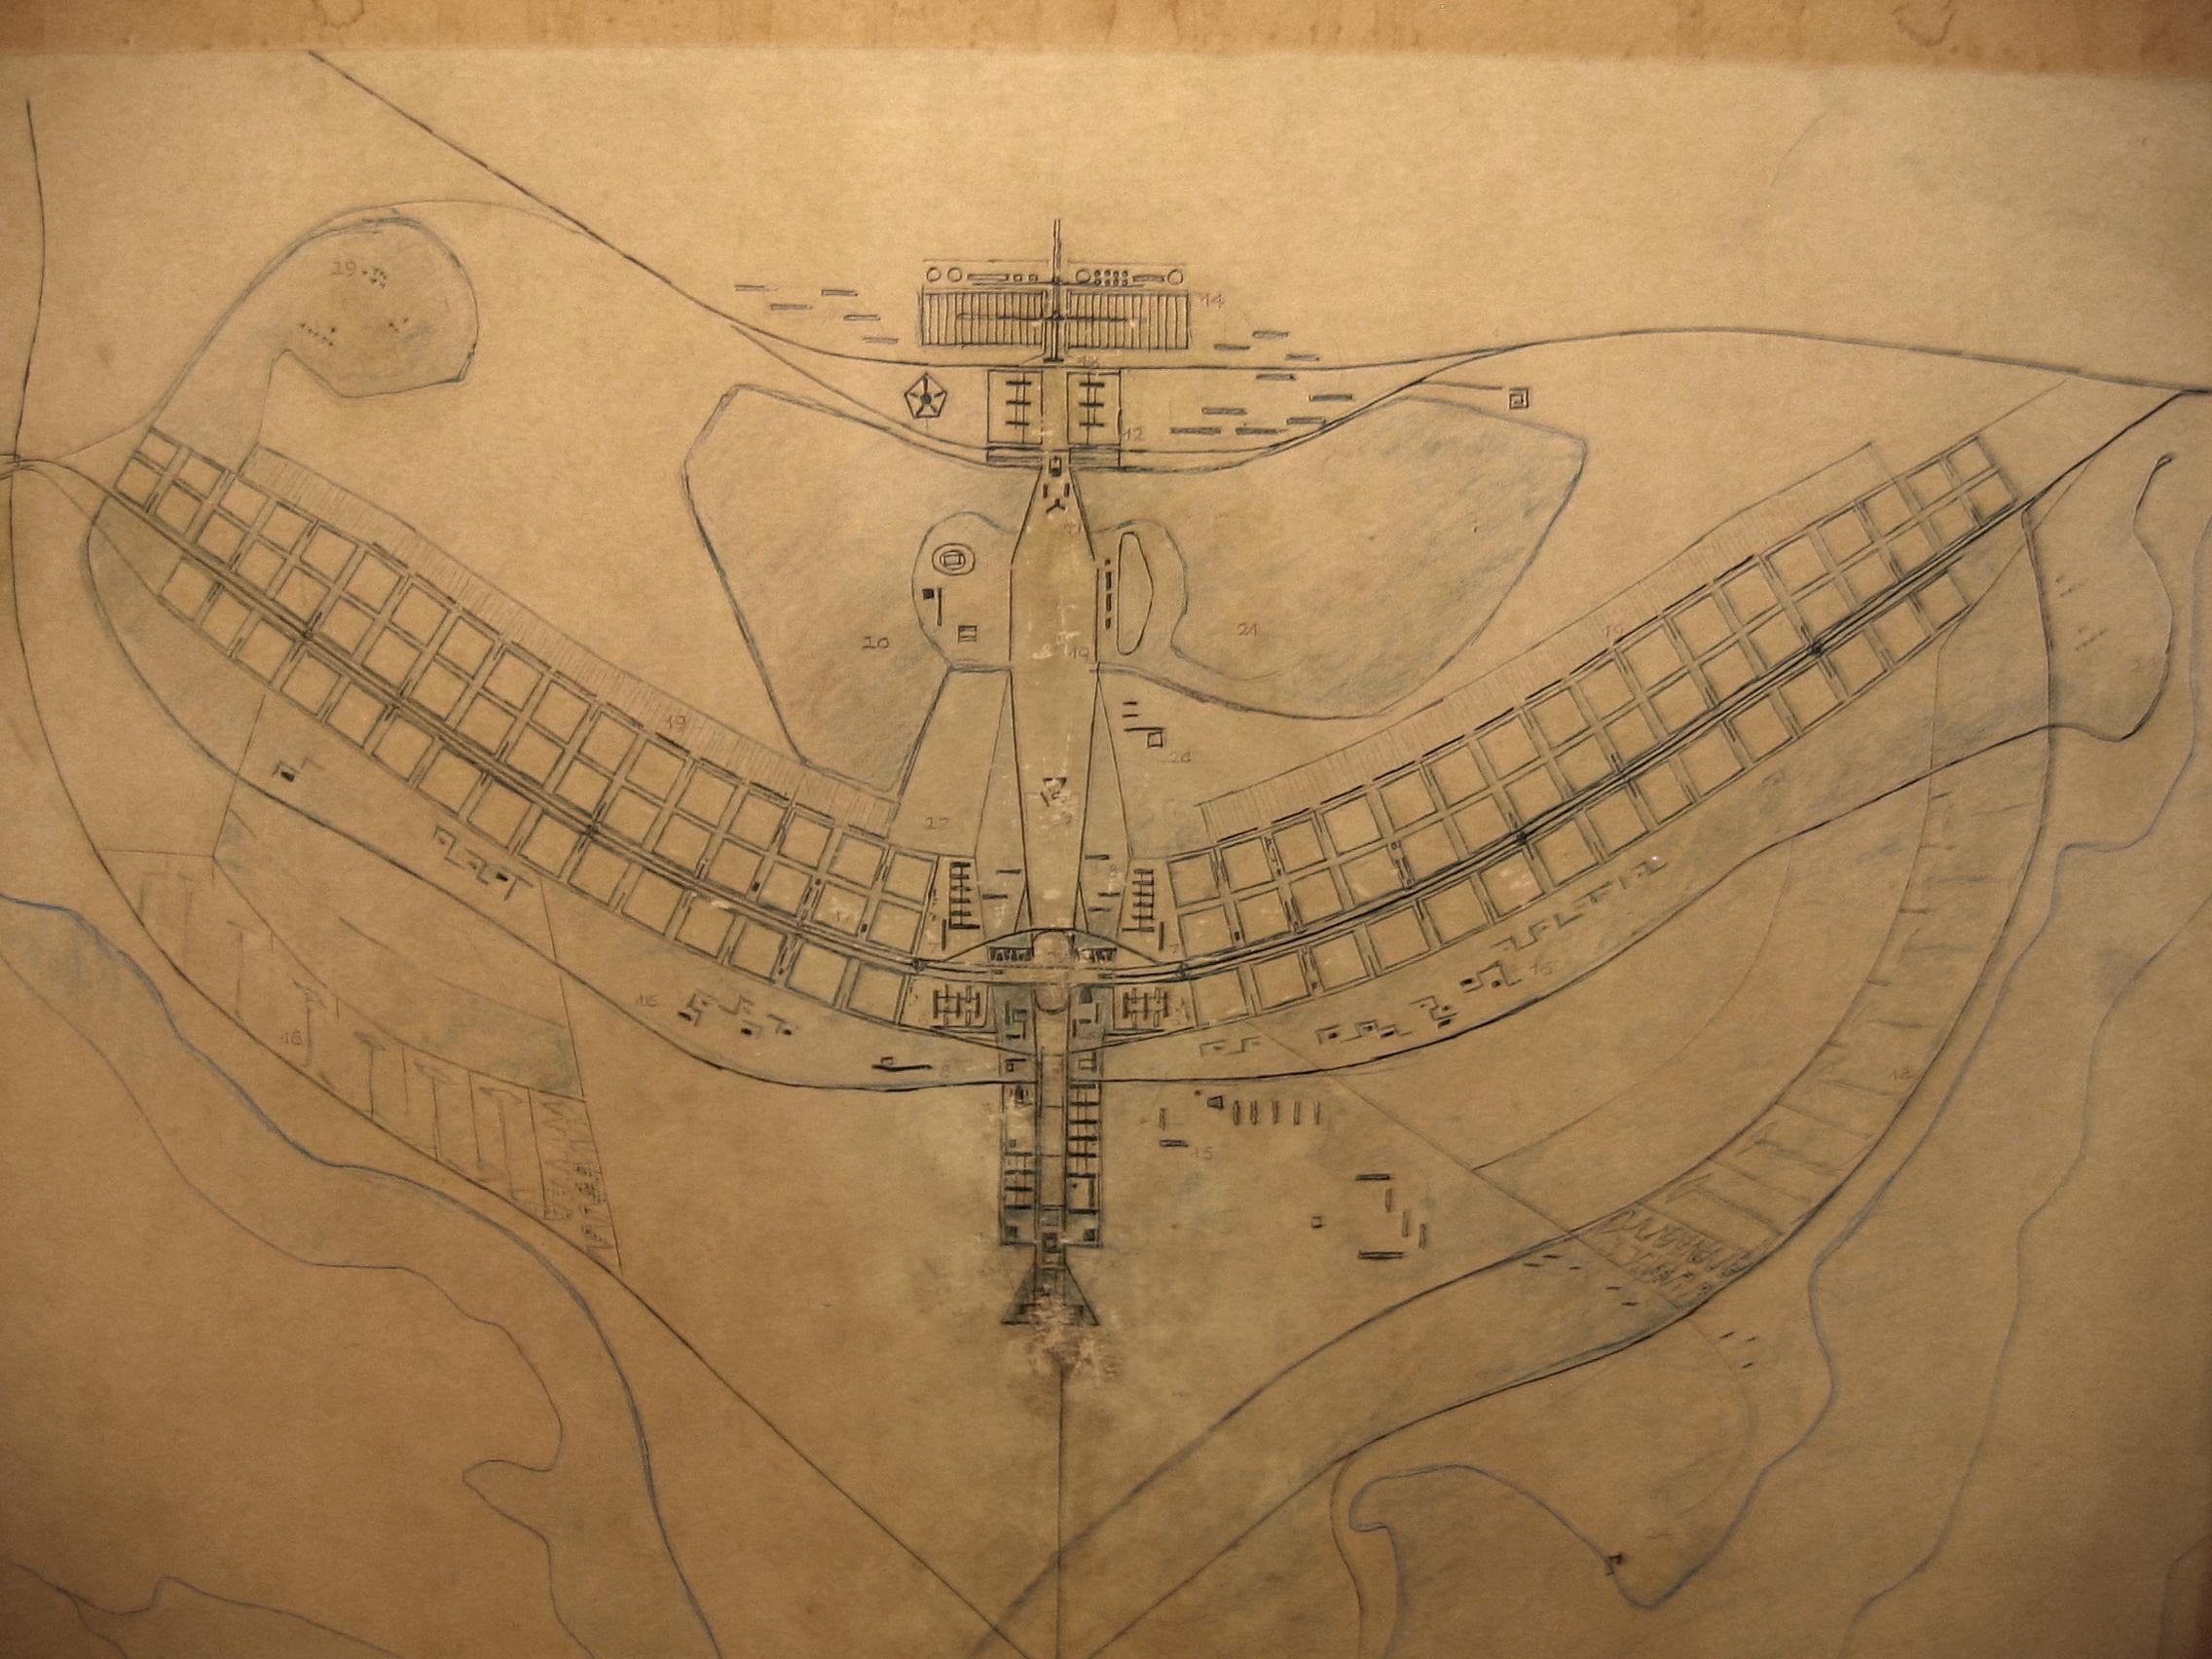 Brasilia Master Plan Brasília Pilot Plan